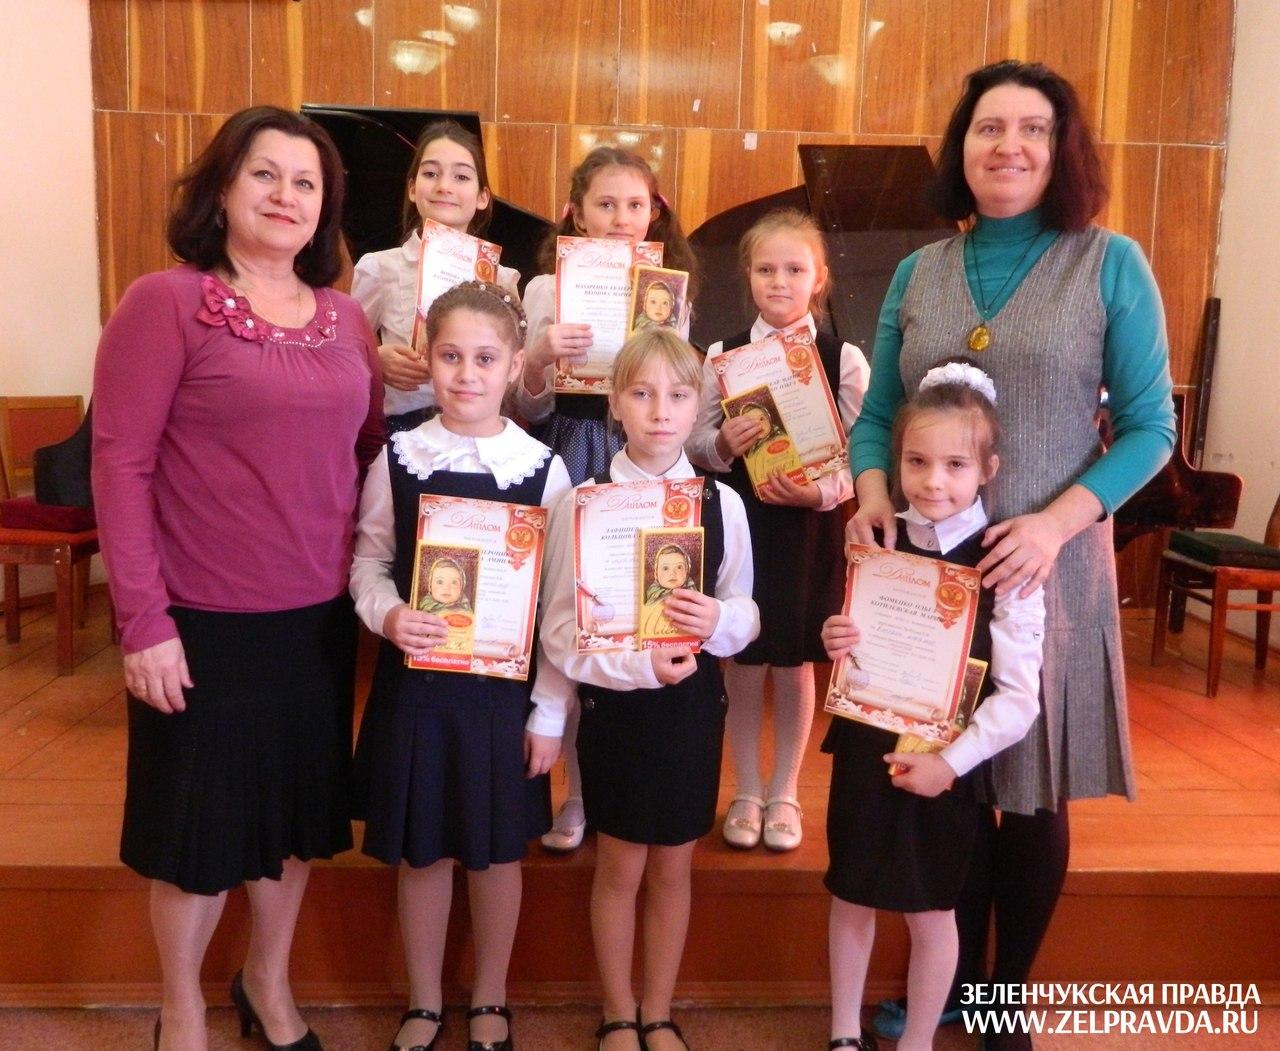 Учащиеся ДШИ станицы Зеленчукской призеры конкурса